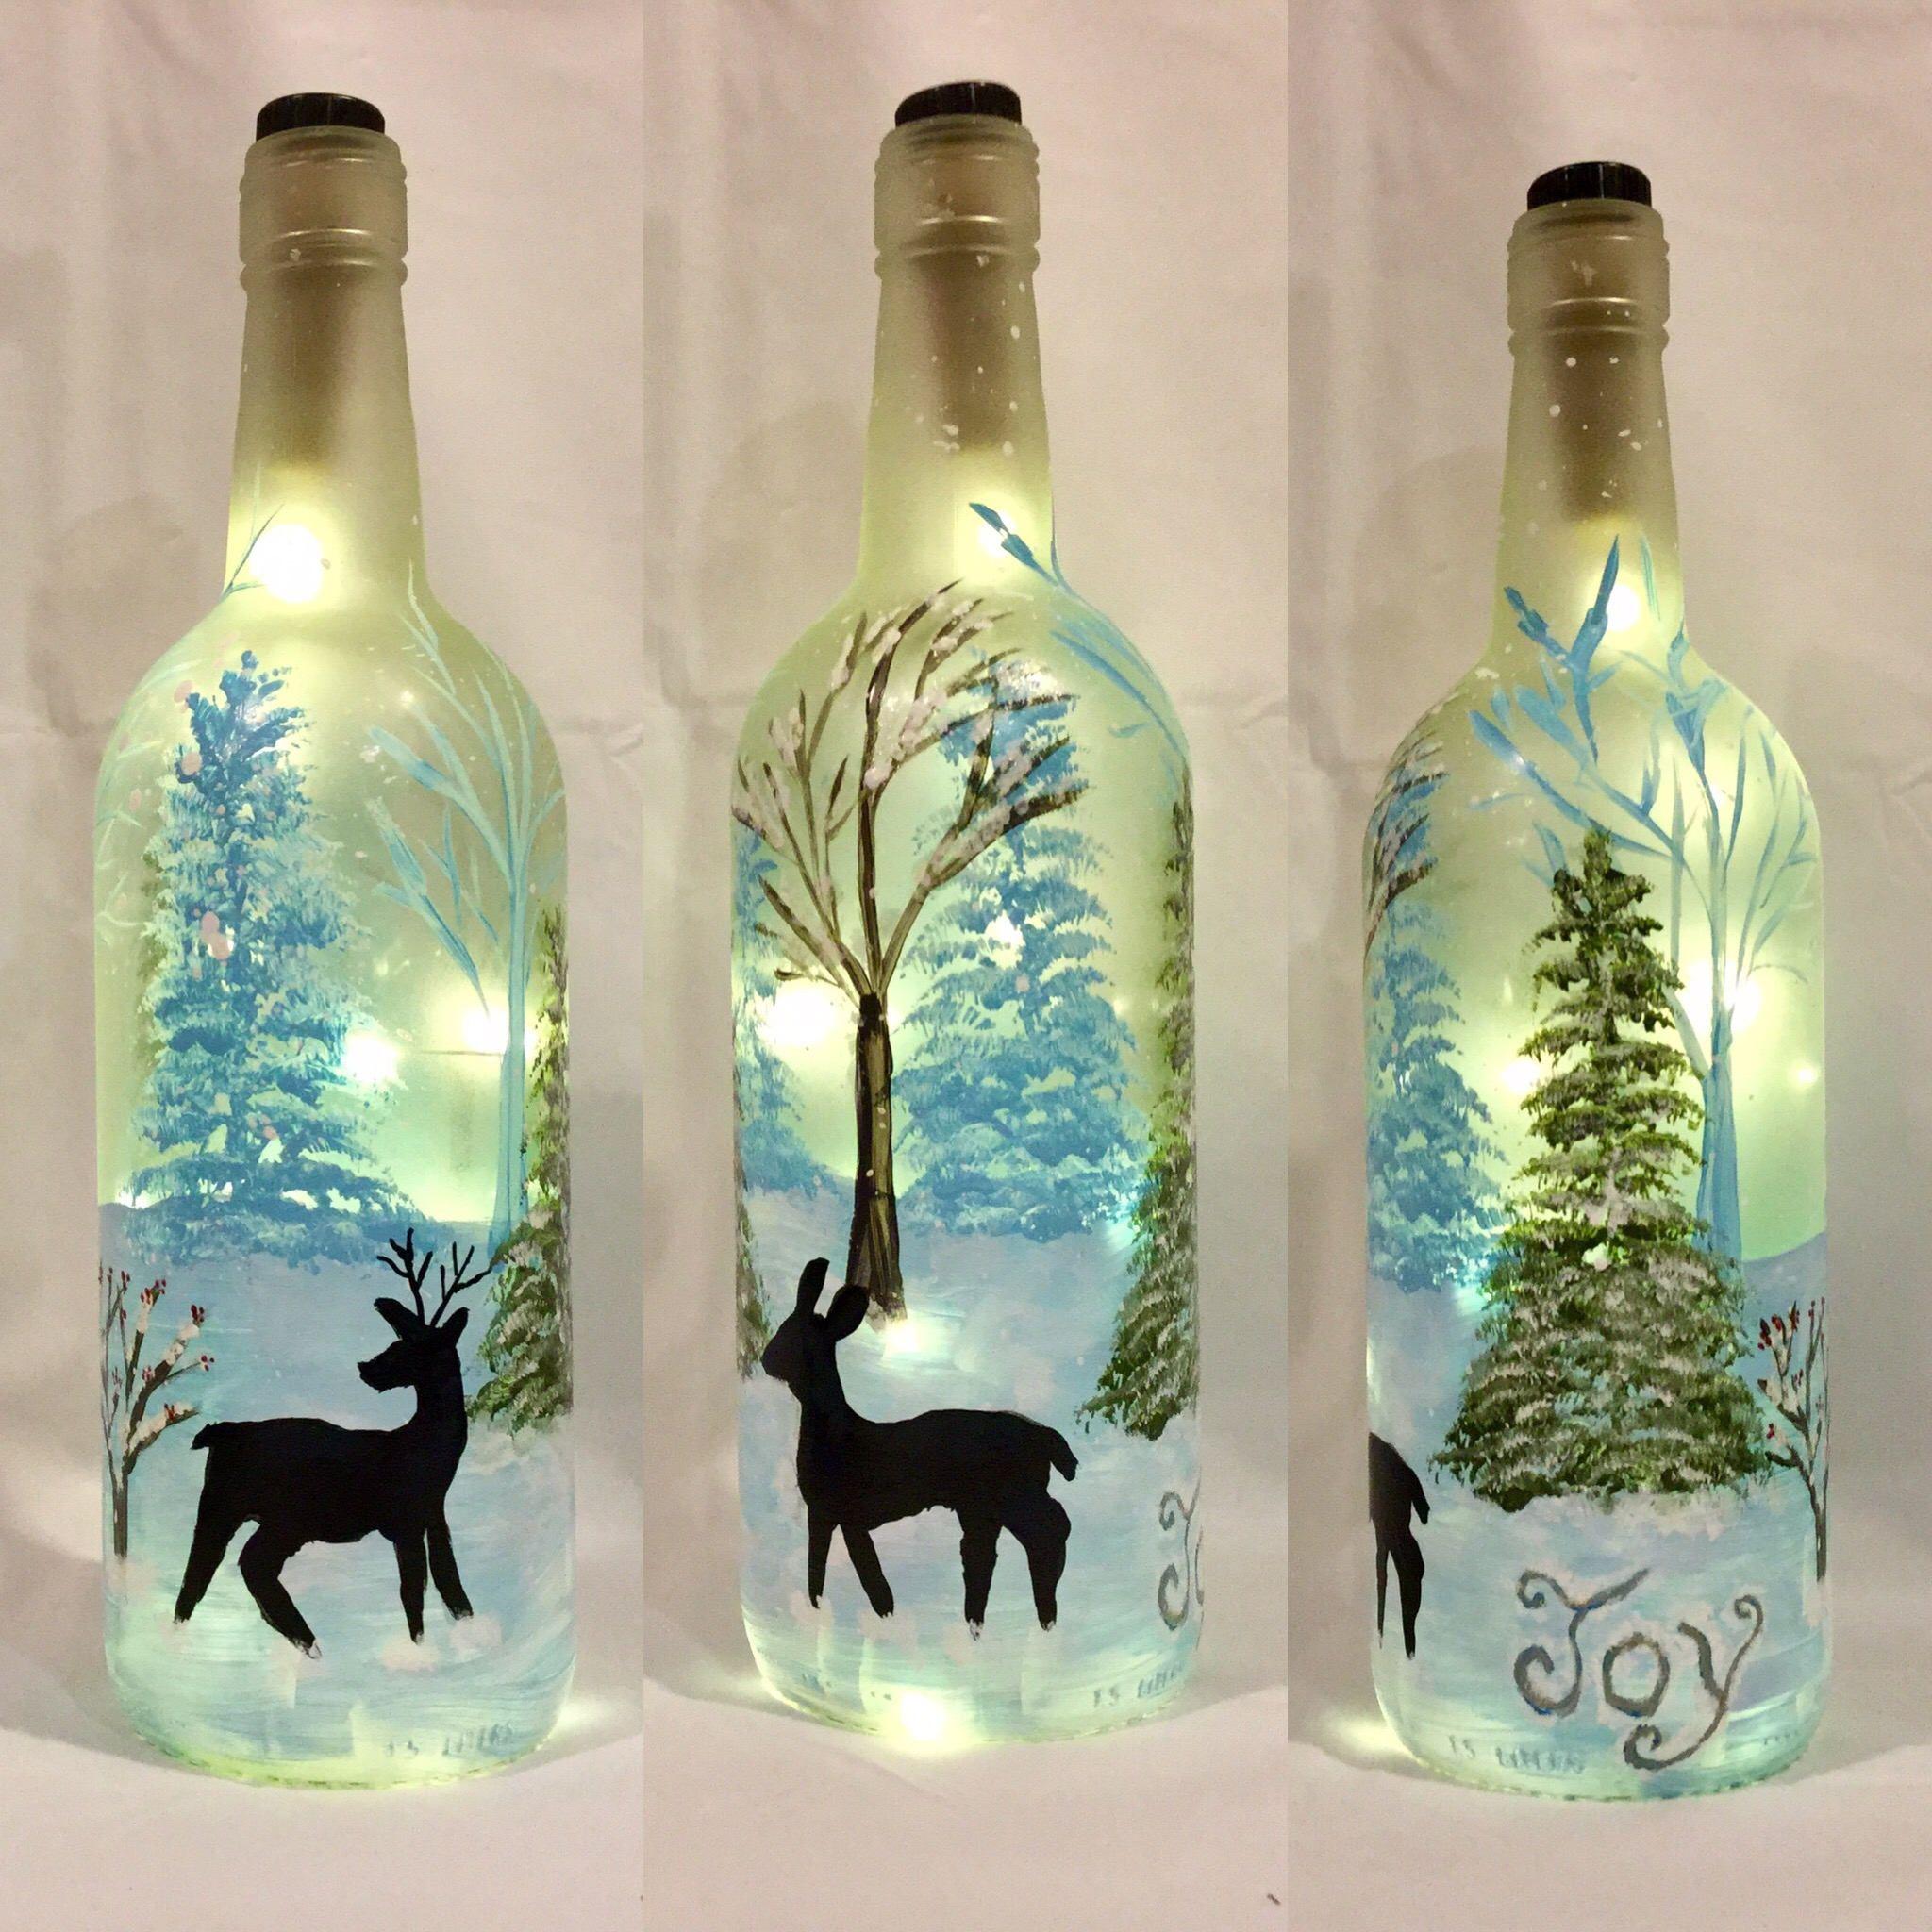 Deer Pintado Botella De Vino De Navidad Con Luces Lighted Wine